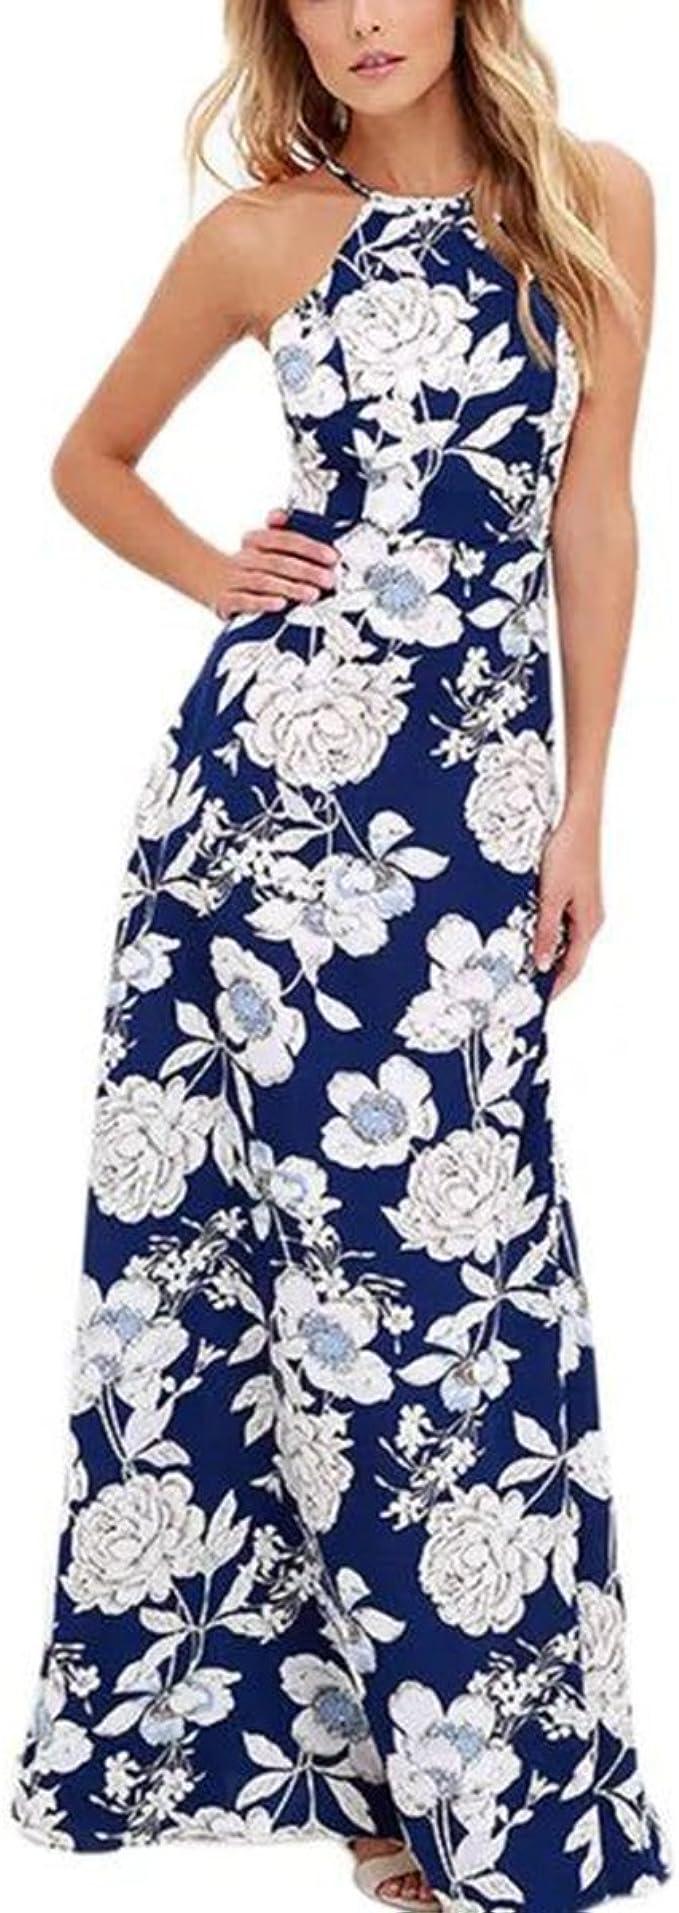 Wvsender Damen Elegant Lang Vintage Kleider Cocktailkleid Frauen Halter Backless Maxi Kleid Marine Blaue Blumenelegante Sommer Strandkleid Xl Blau Amazon De Bekleidung